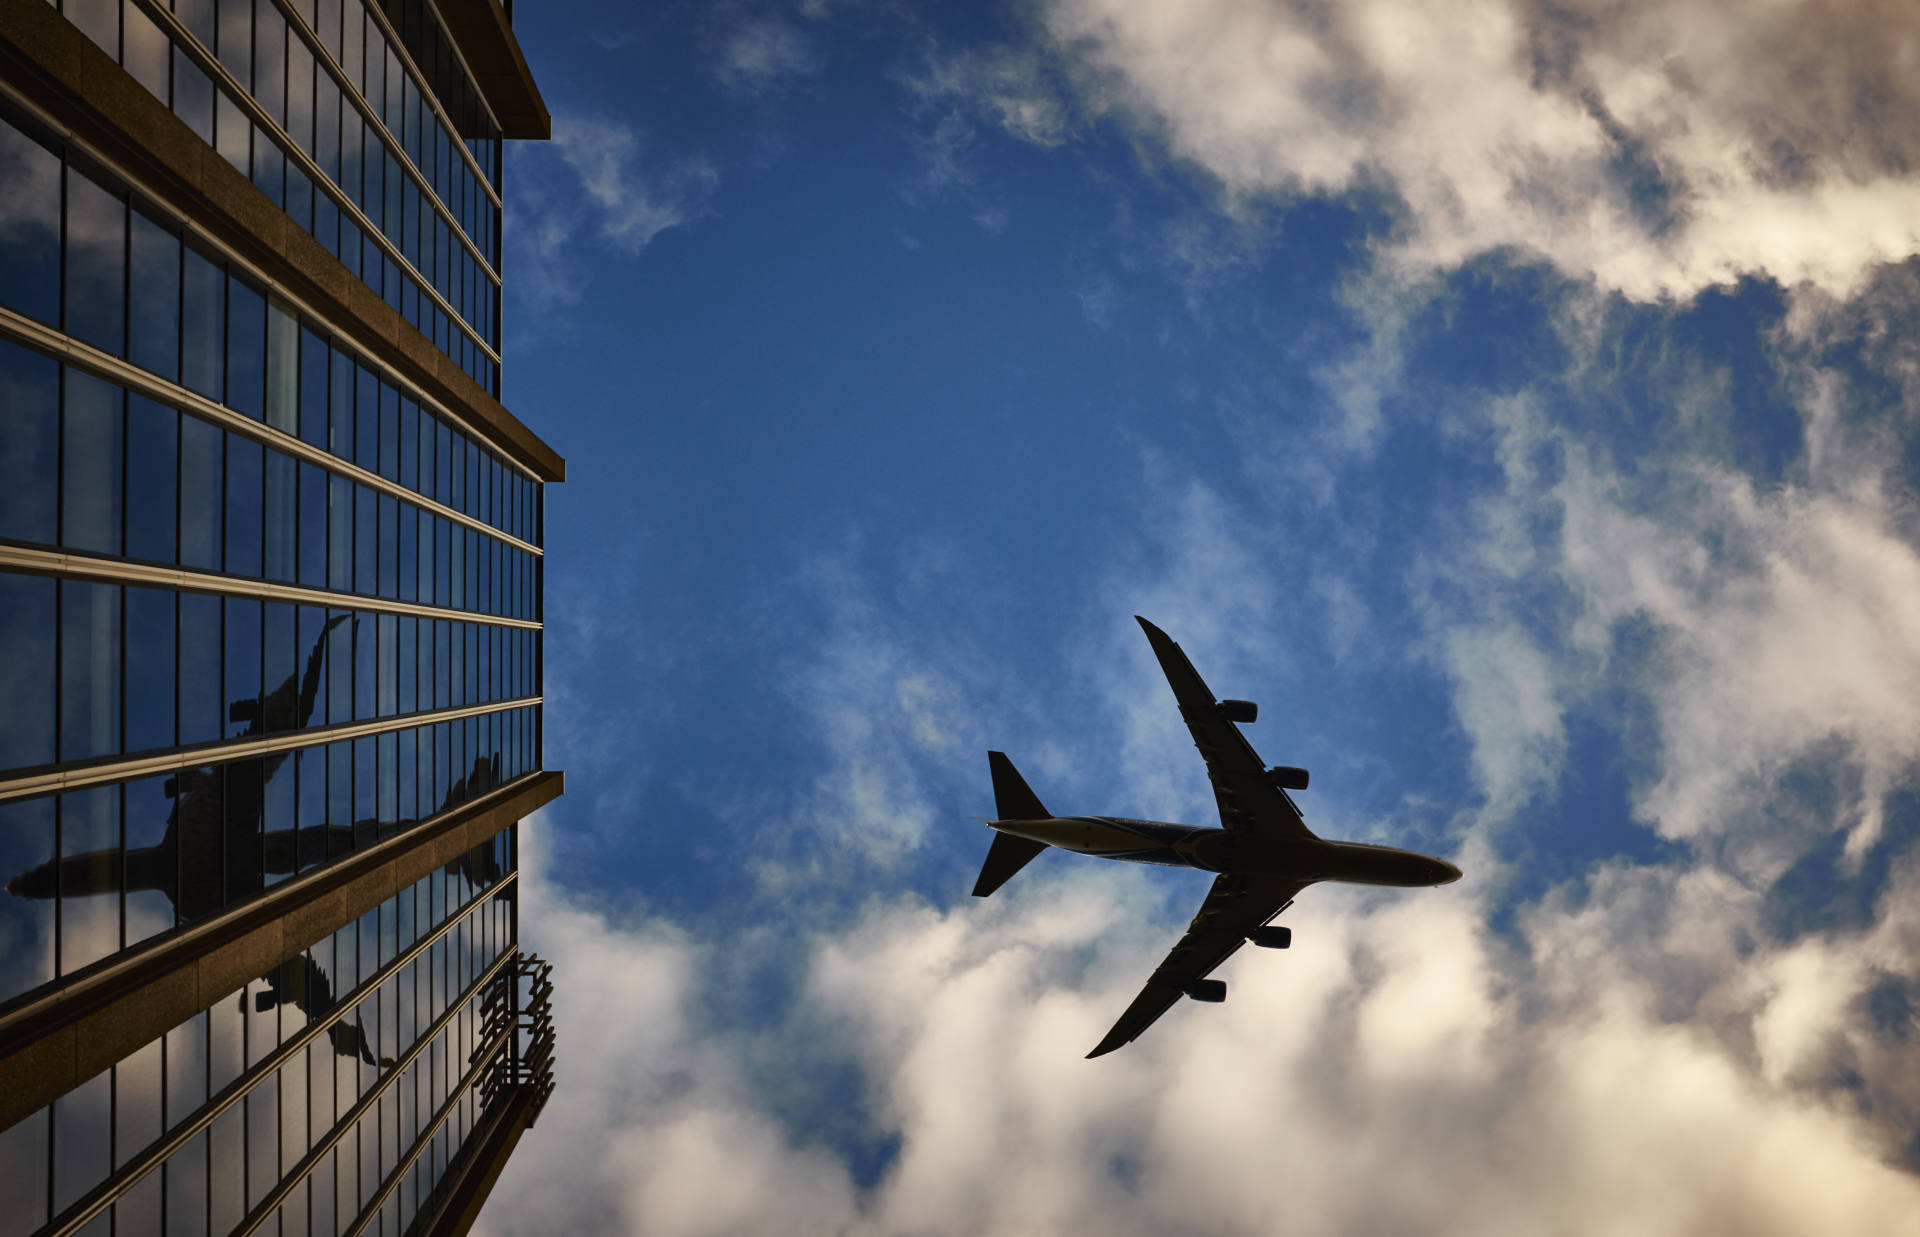 Afraid of Flying